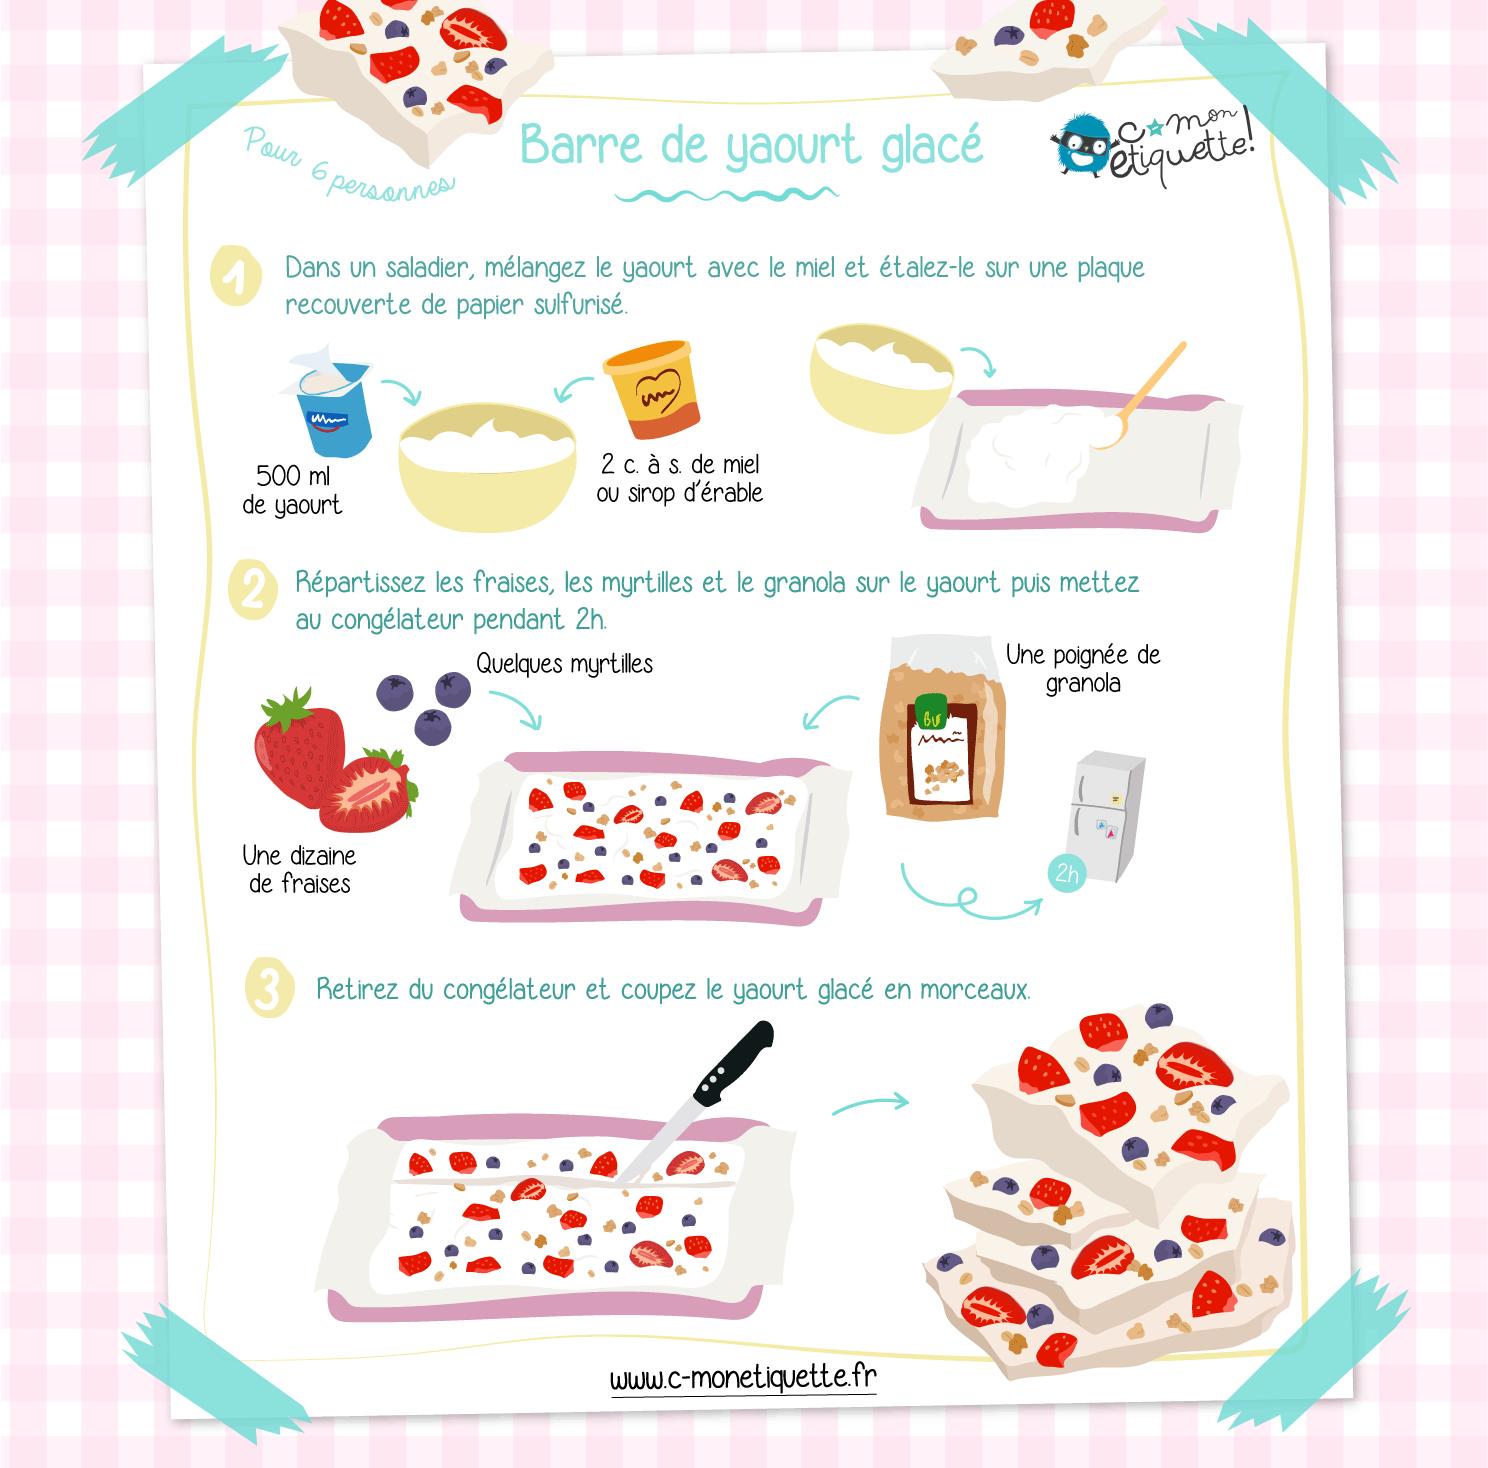 Recette facile barre yaourt glacé I Recette C-MonEtiquette